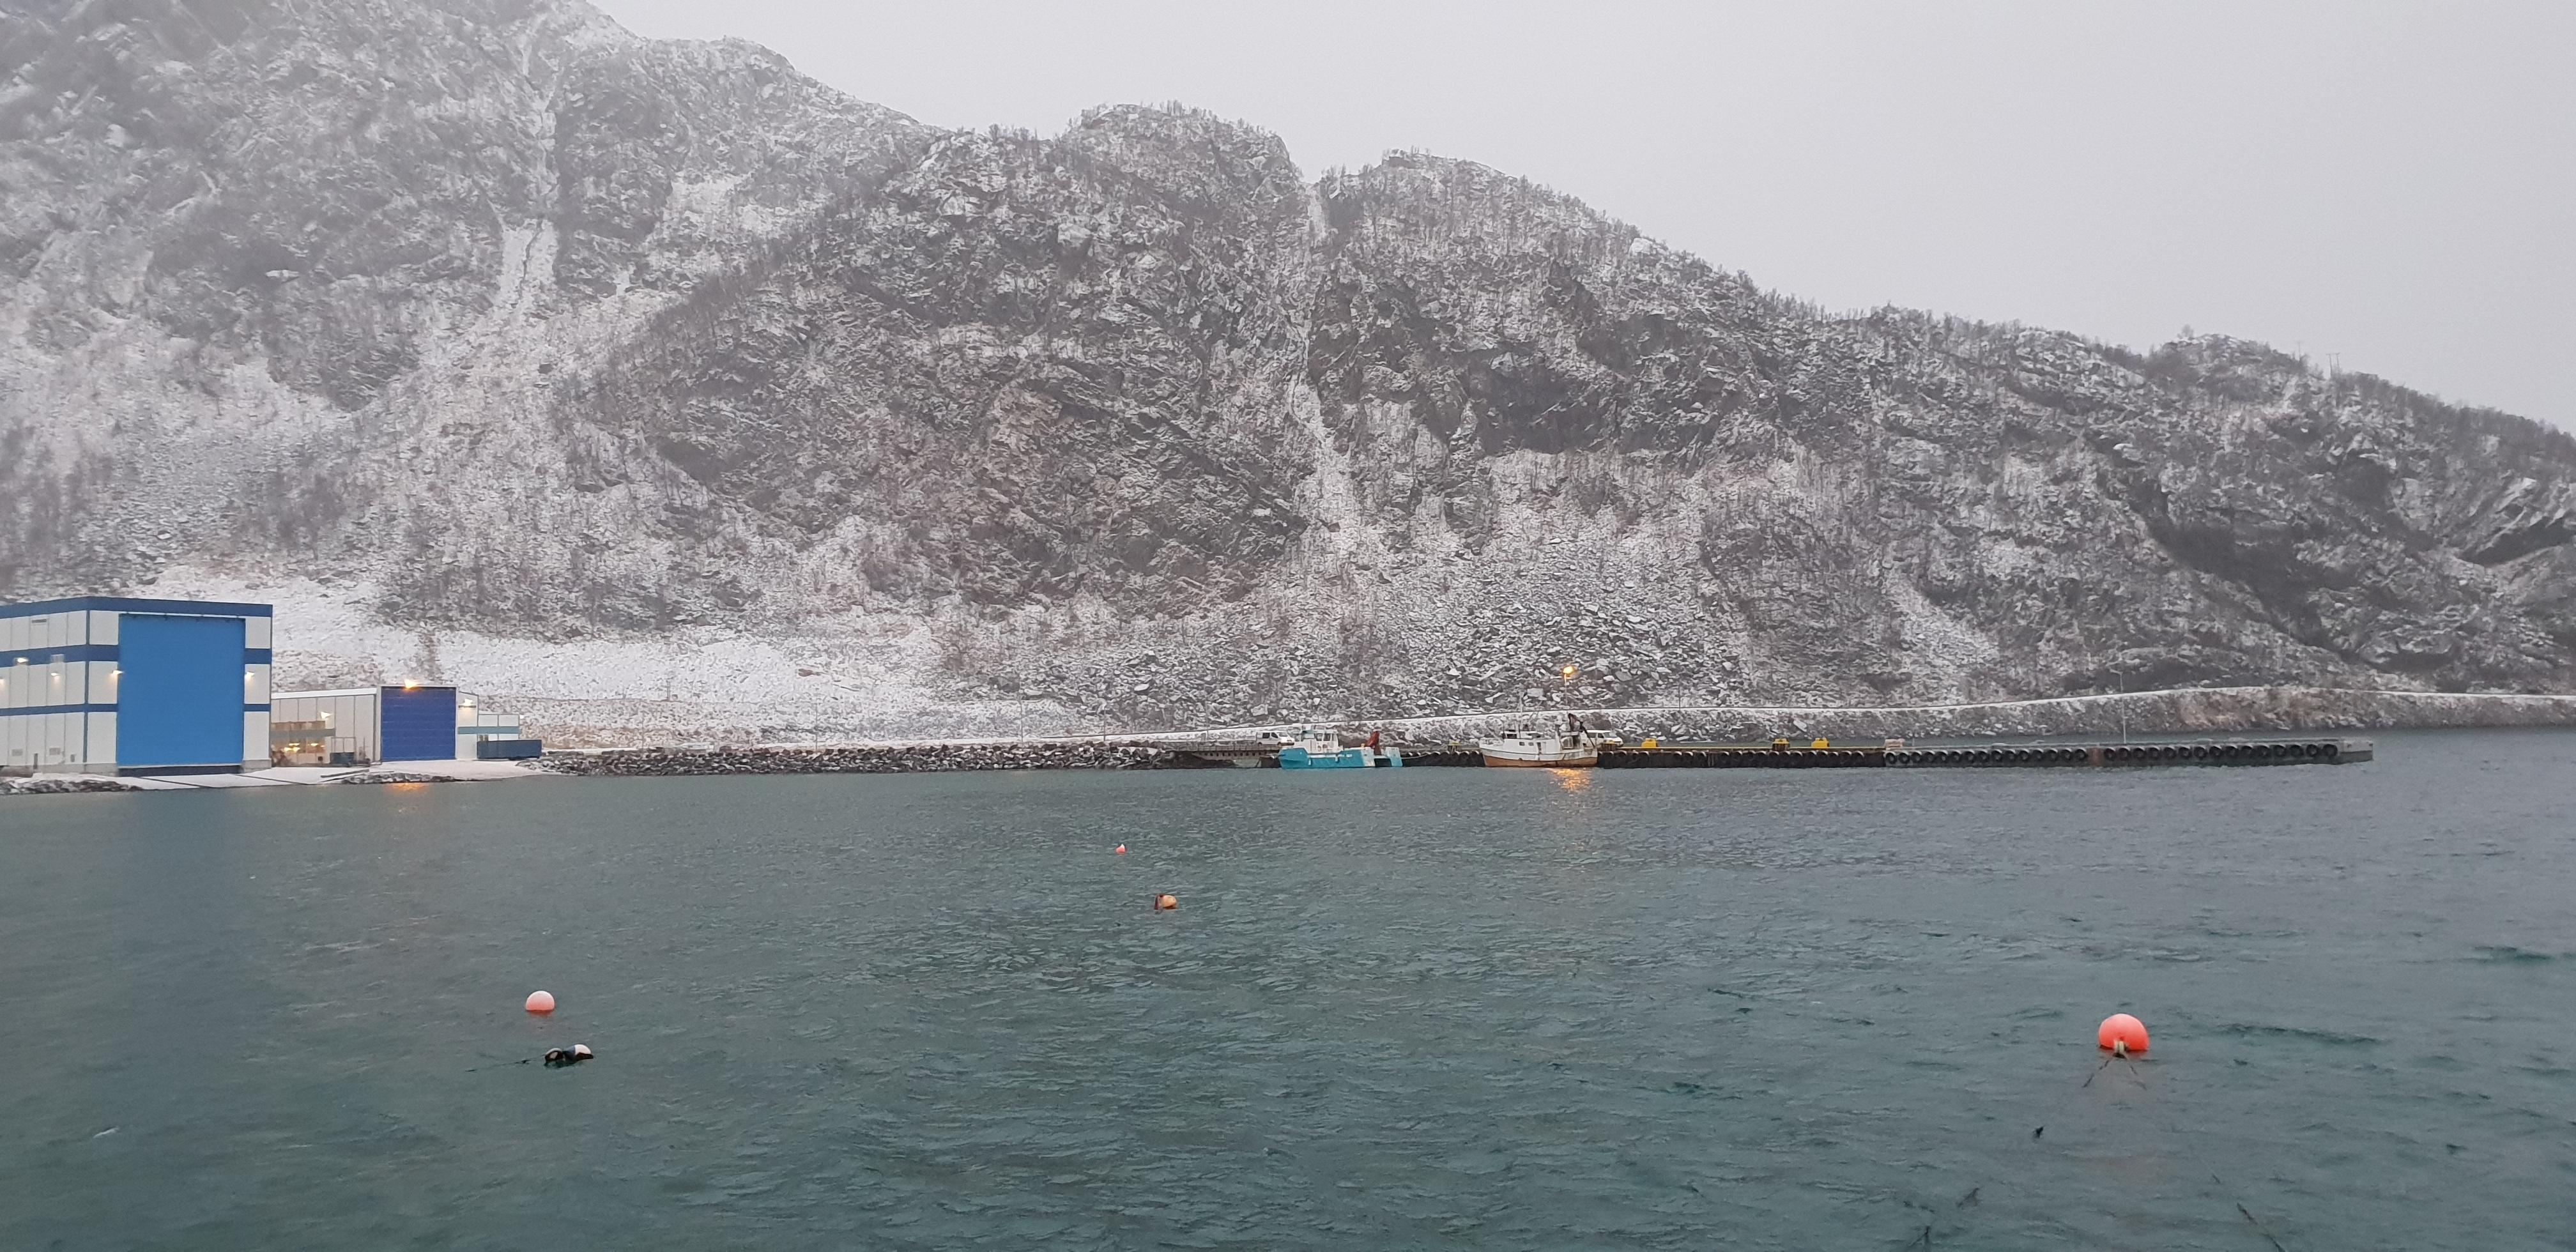 https://marinasolutions.no/uploads/Loppa-kommune-Øksfjord-russebrygge-marina-solutions-foto-av-Frydenbø.jpg